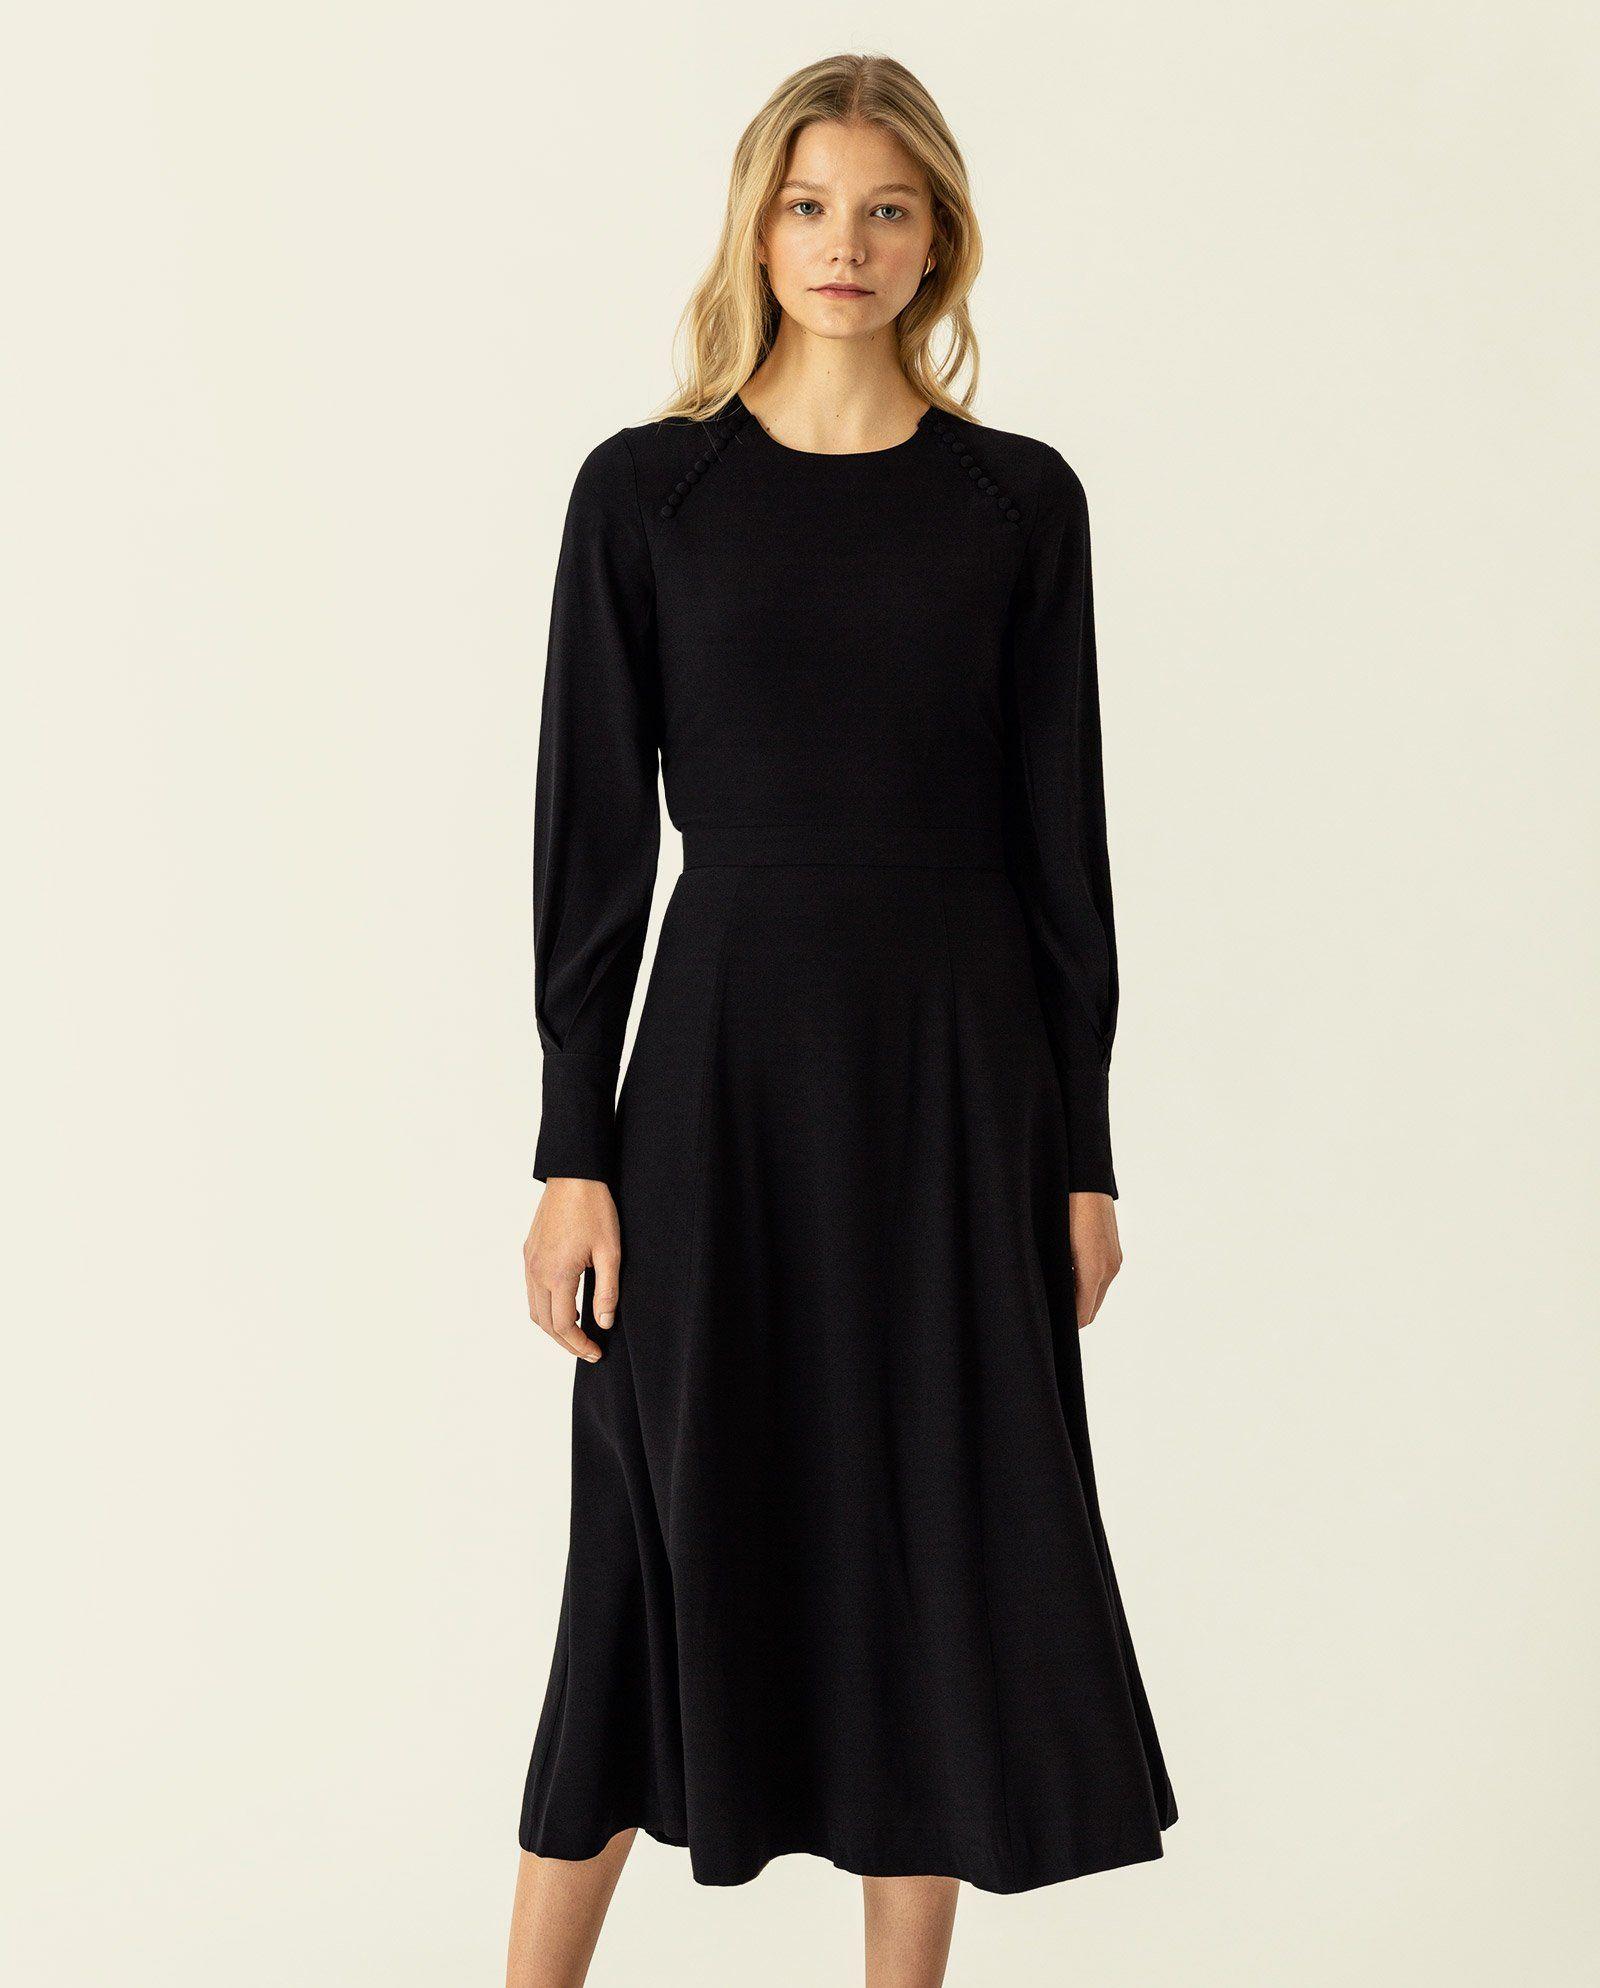 Midi Button Dress In 2021 Midi Maxi Dress Midi Length Dress Long Sleeve Dress [ 1988 x 1600 Pixel ]